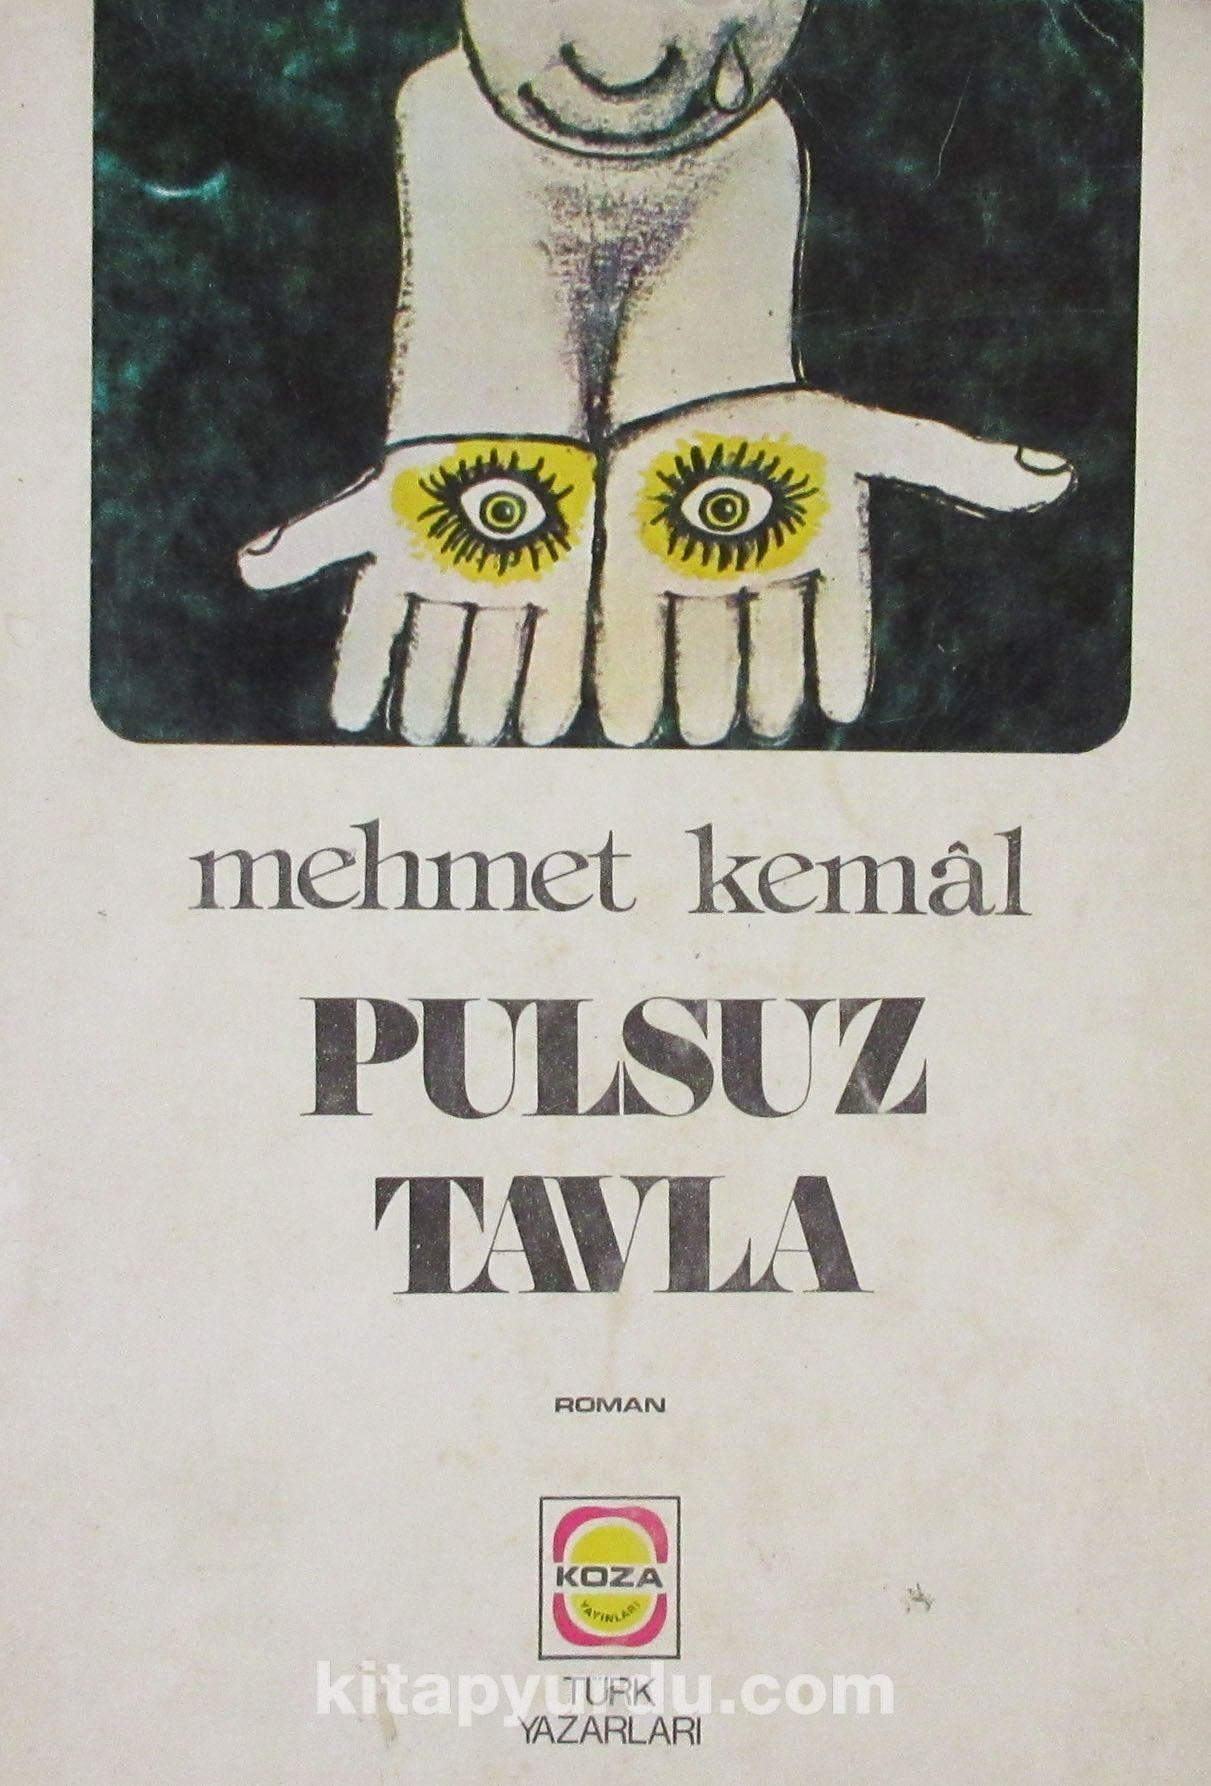 Pulsuz Tavla (4-B-24)